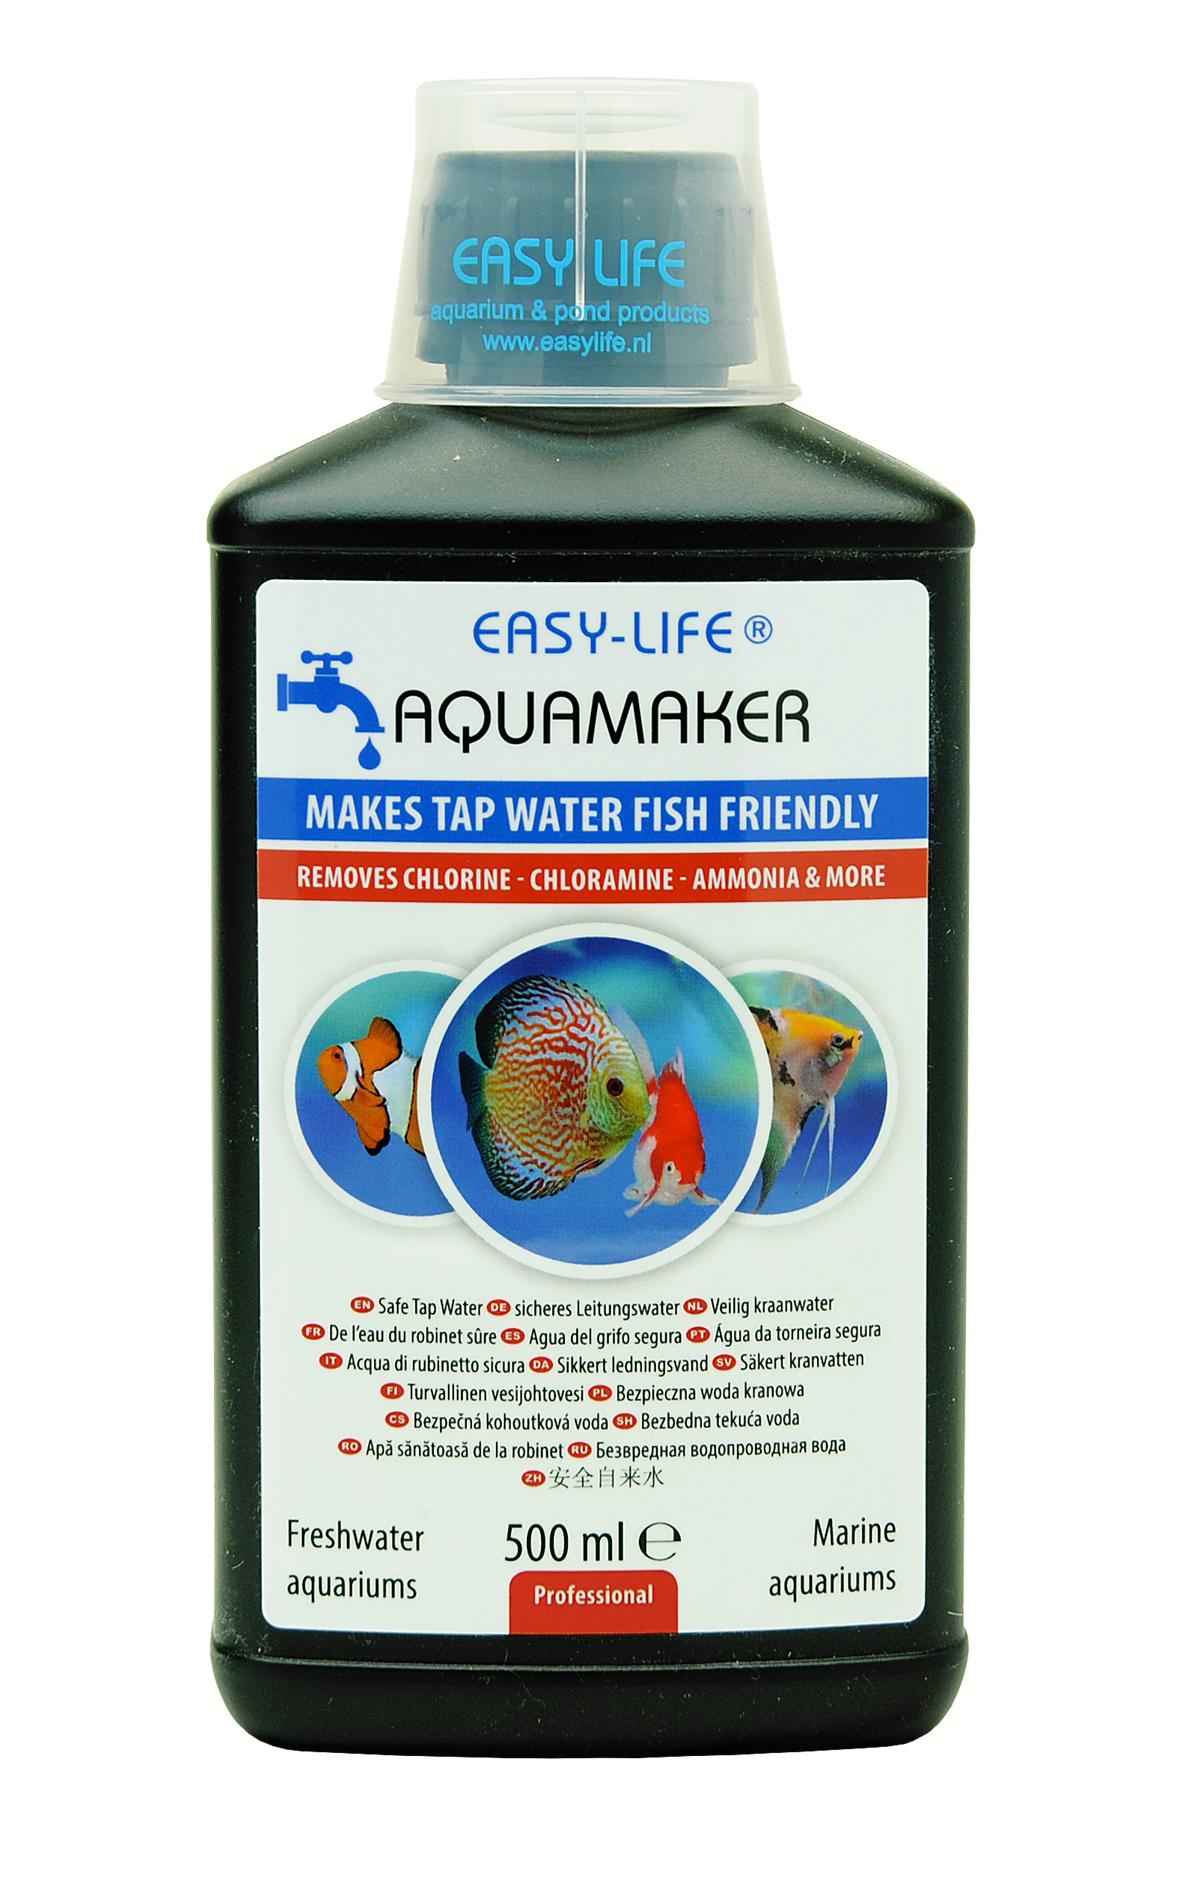 EASY-LIFE AquaMaker 500 ml puissant conditionneur d\'eau à action rapide pour aquarium. Traite jusqu\'à 2500L